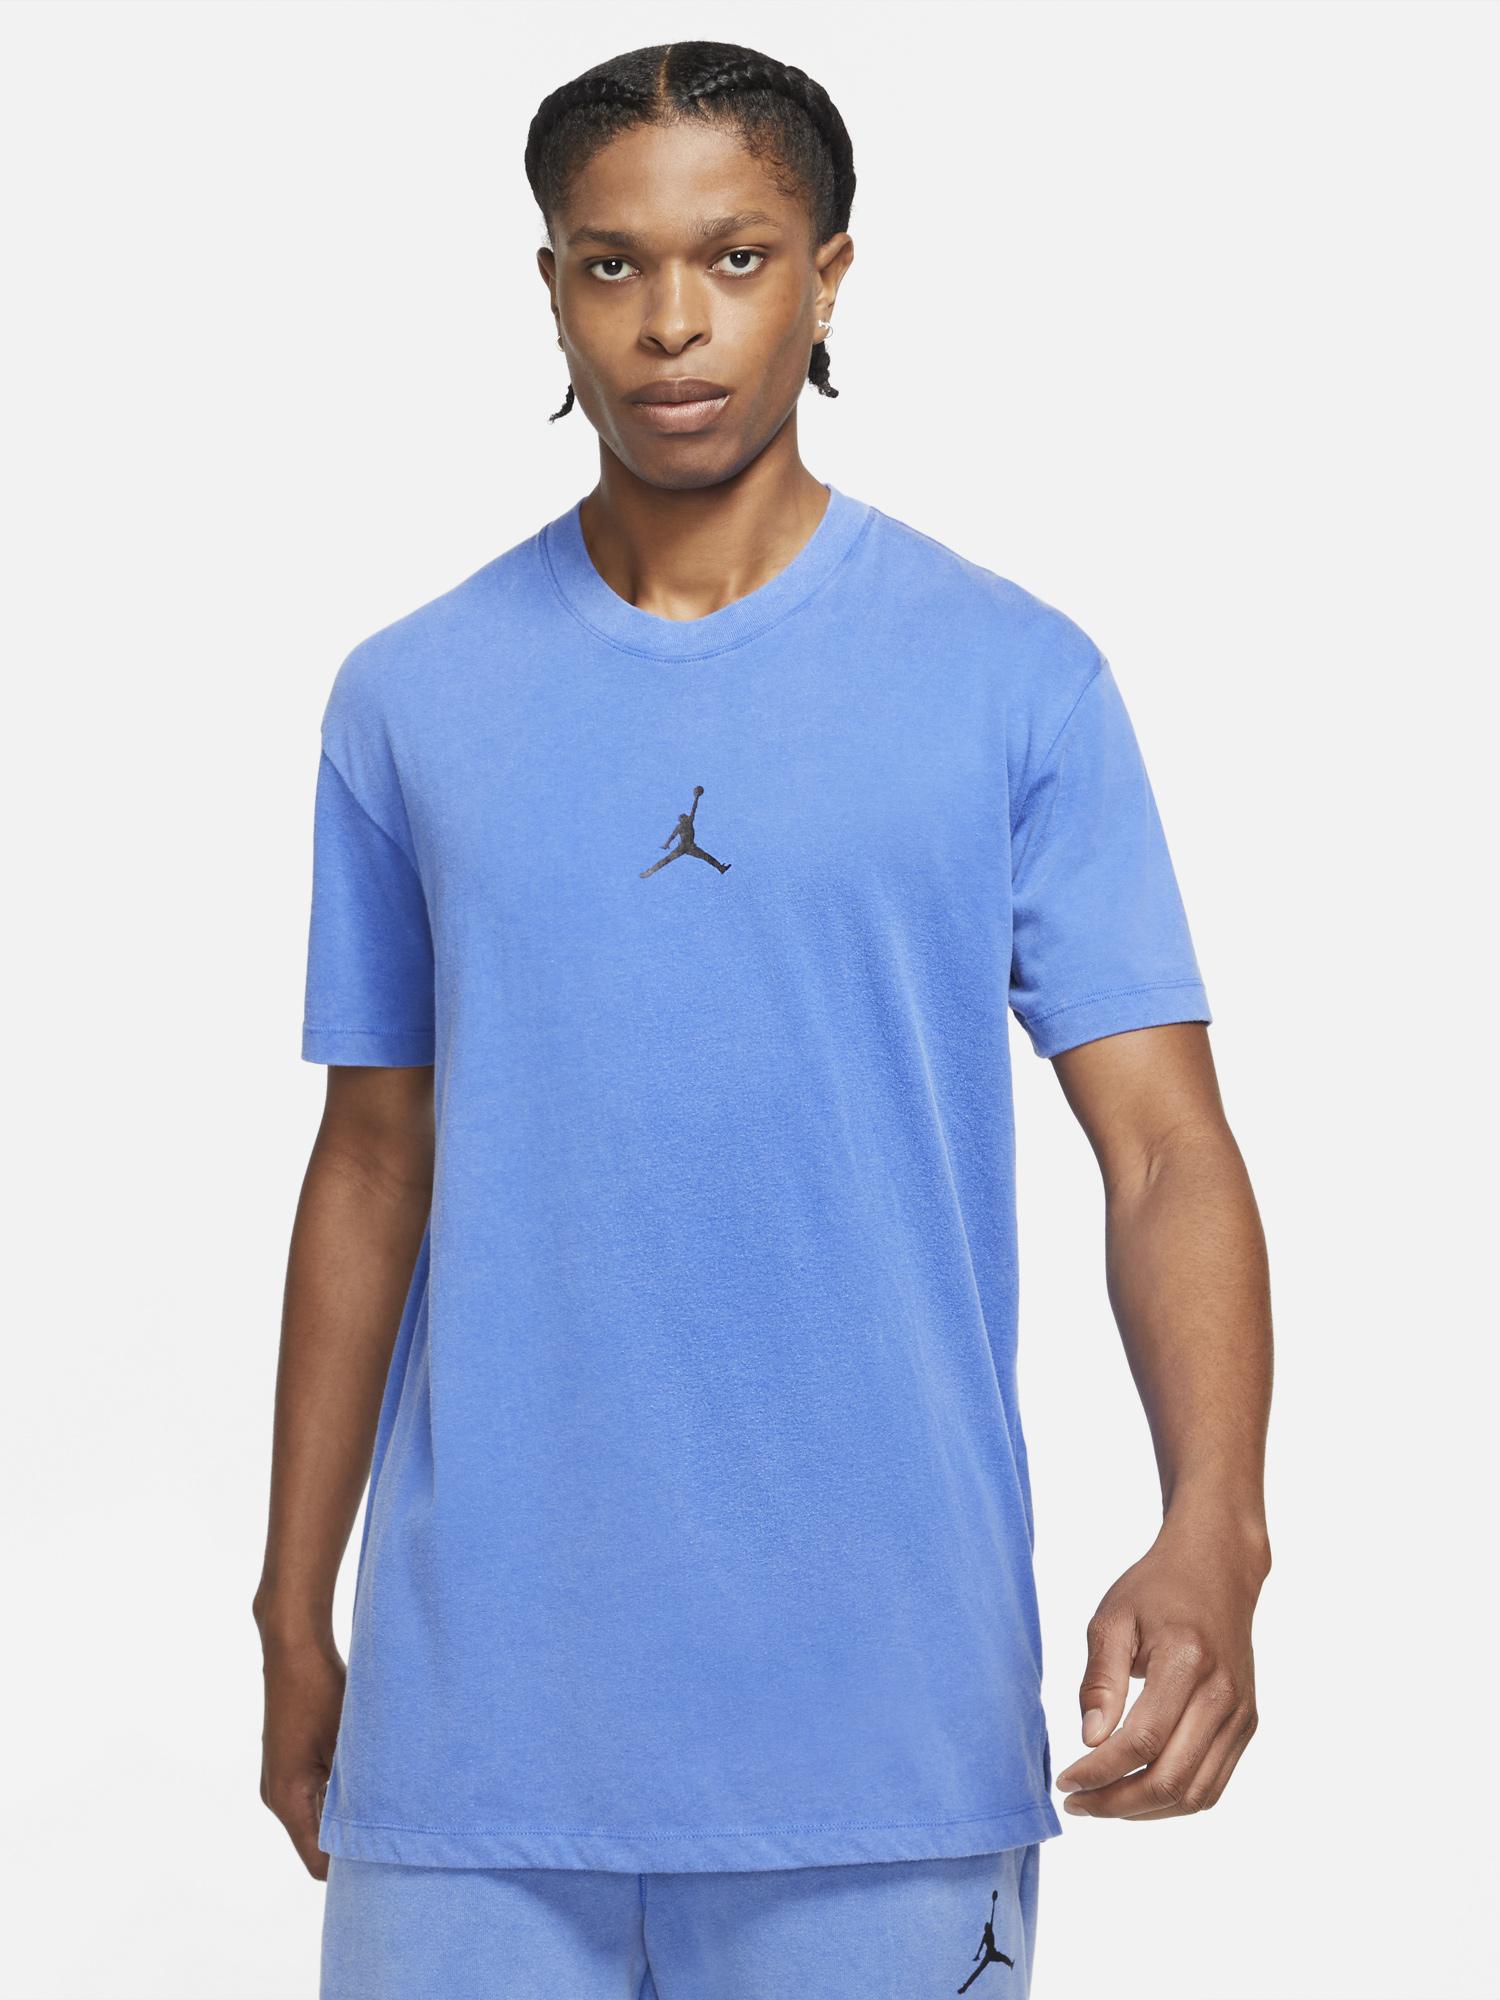 jordan-hyper-royal-dri-fit-air-shirt-1